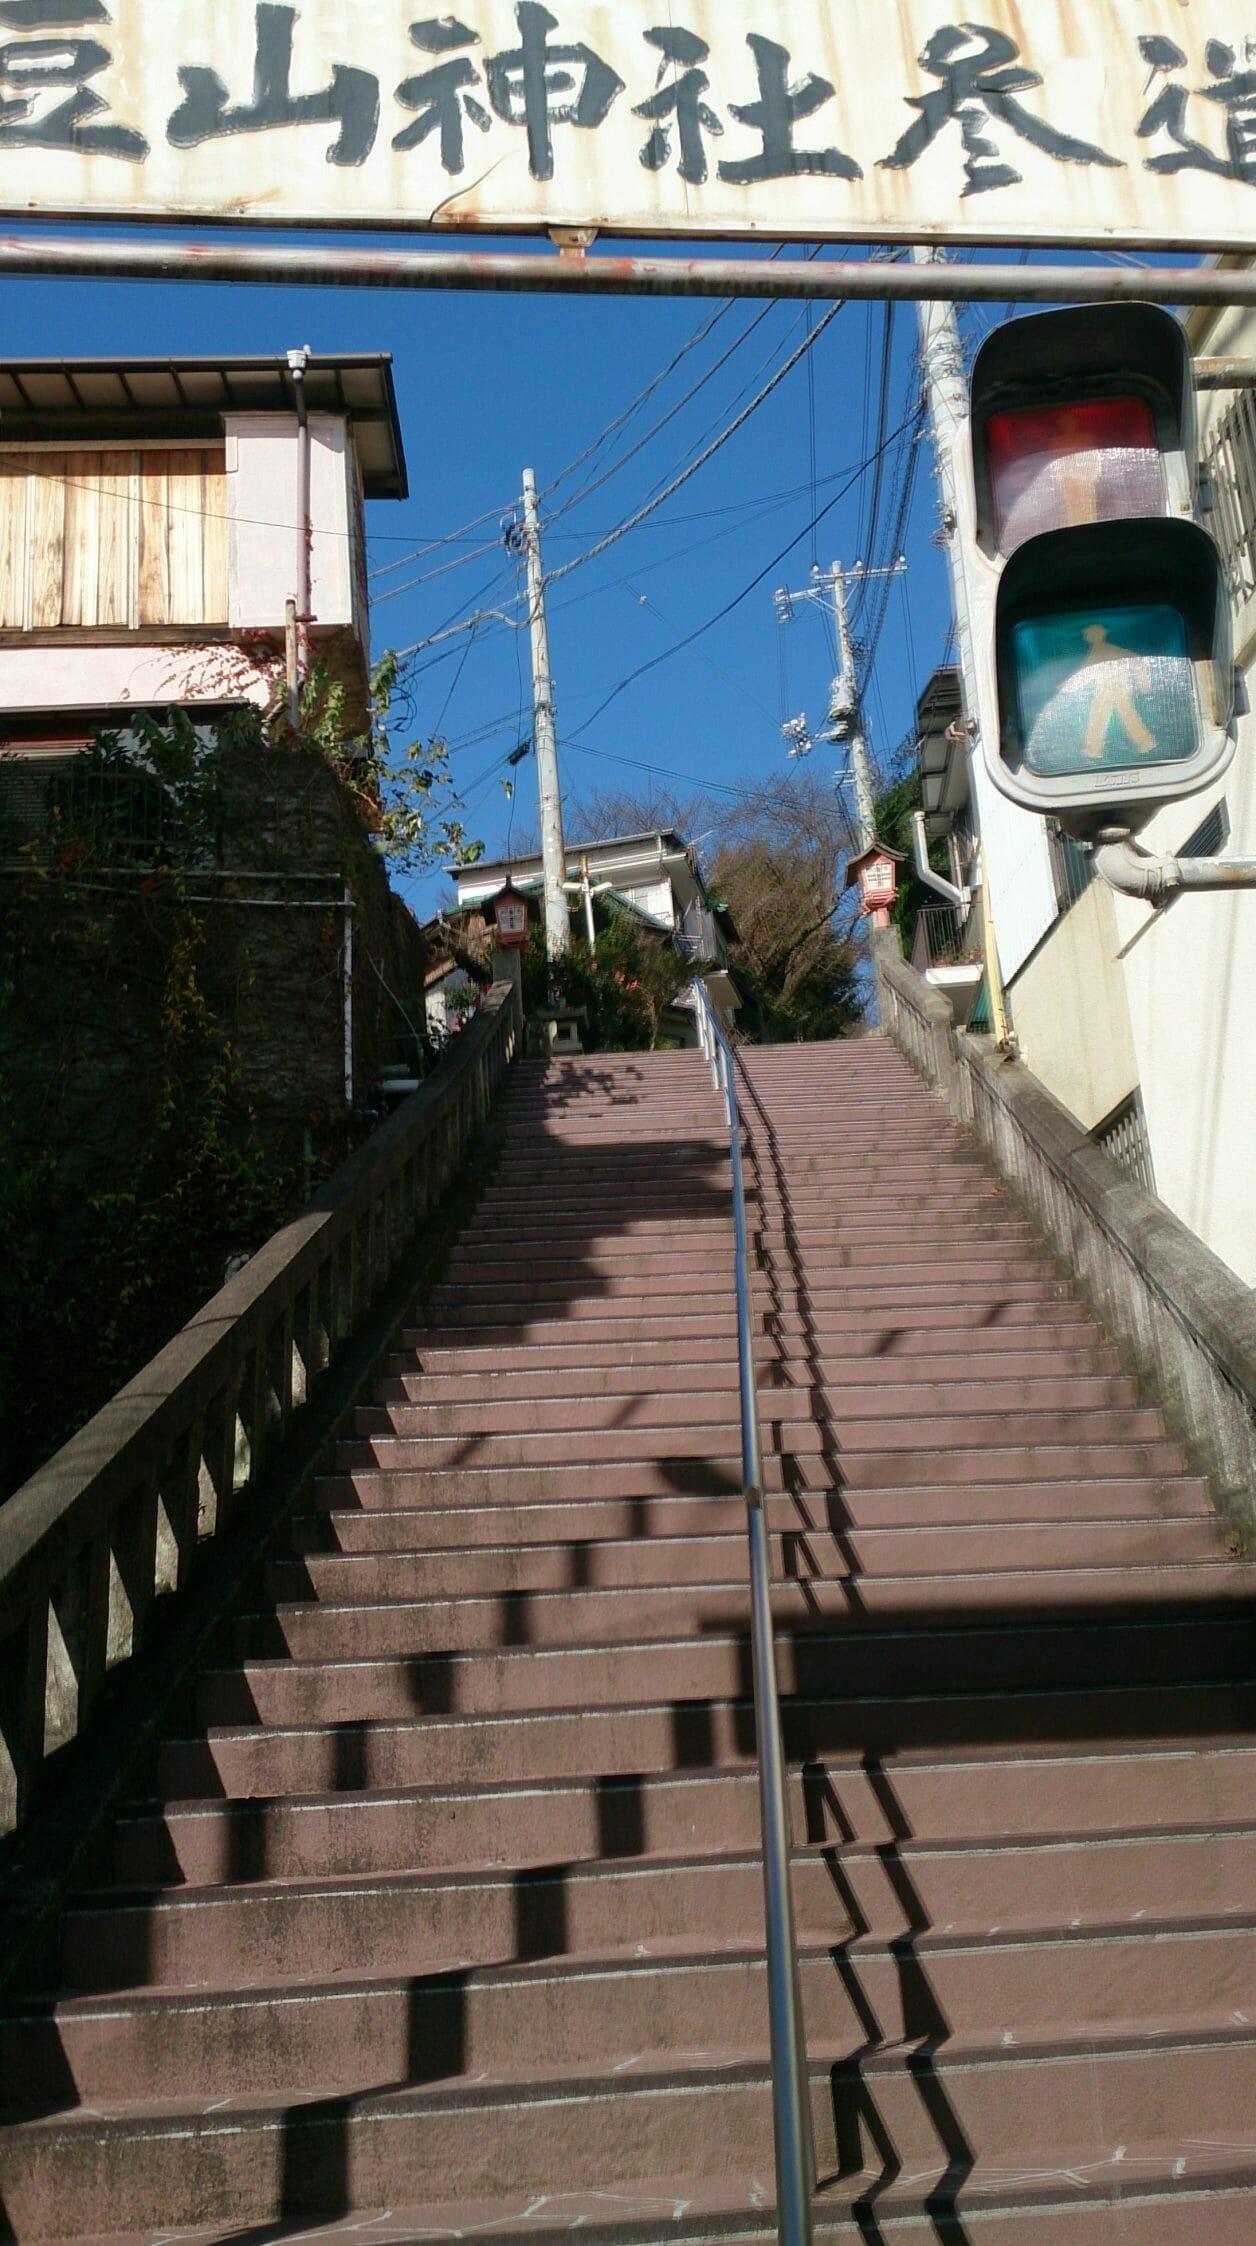 伊豆山浜から伊豆山神社本殿に続く階段